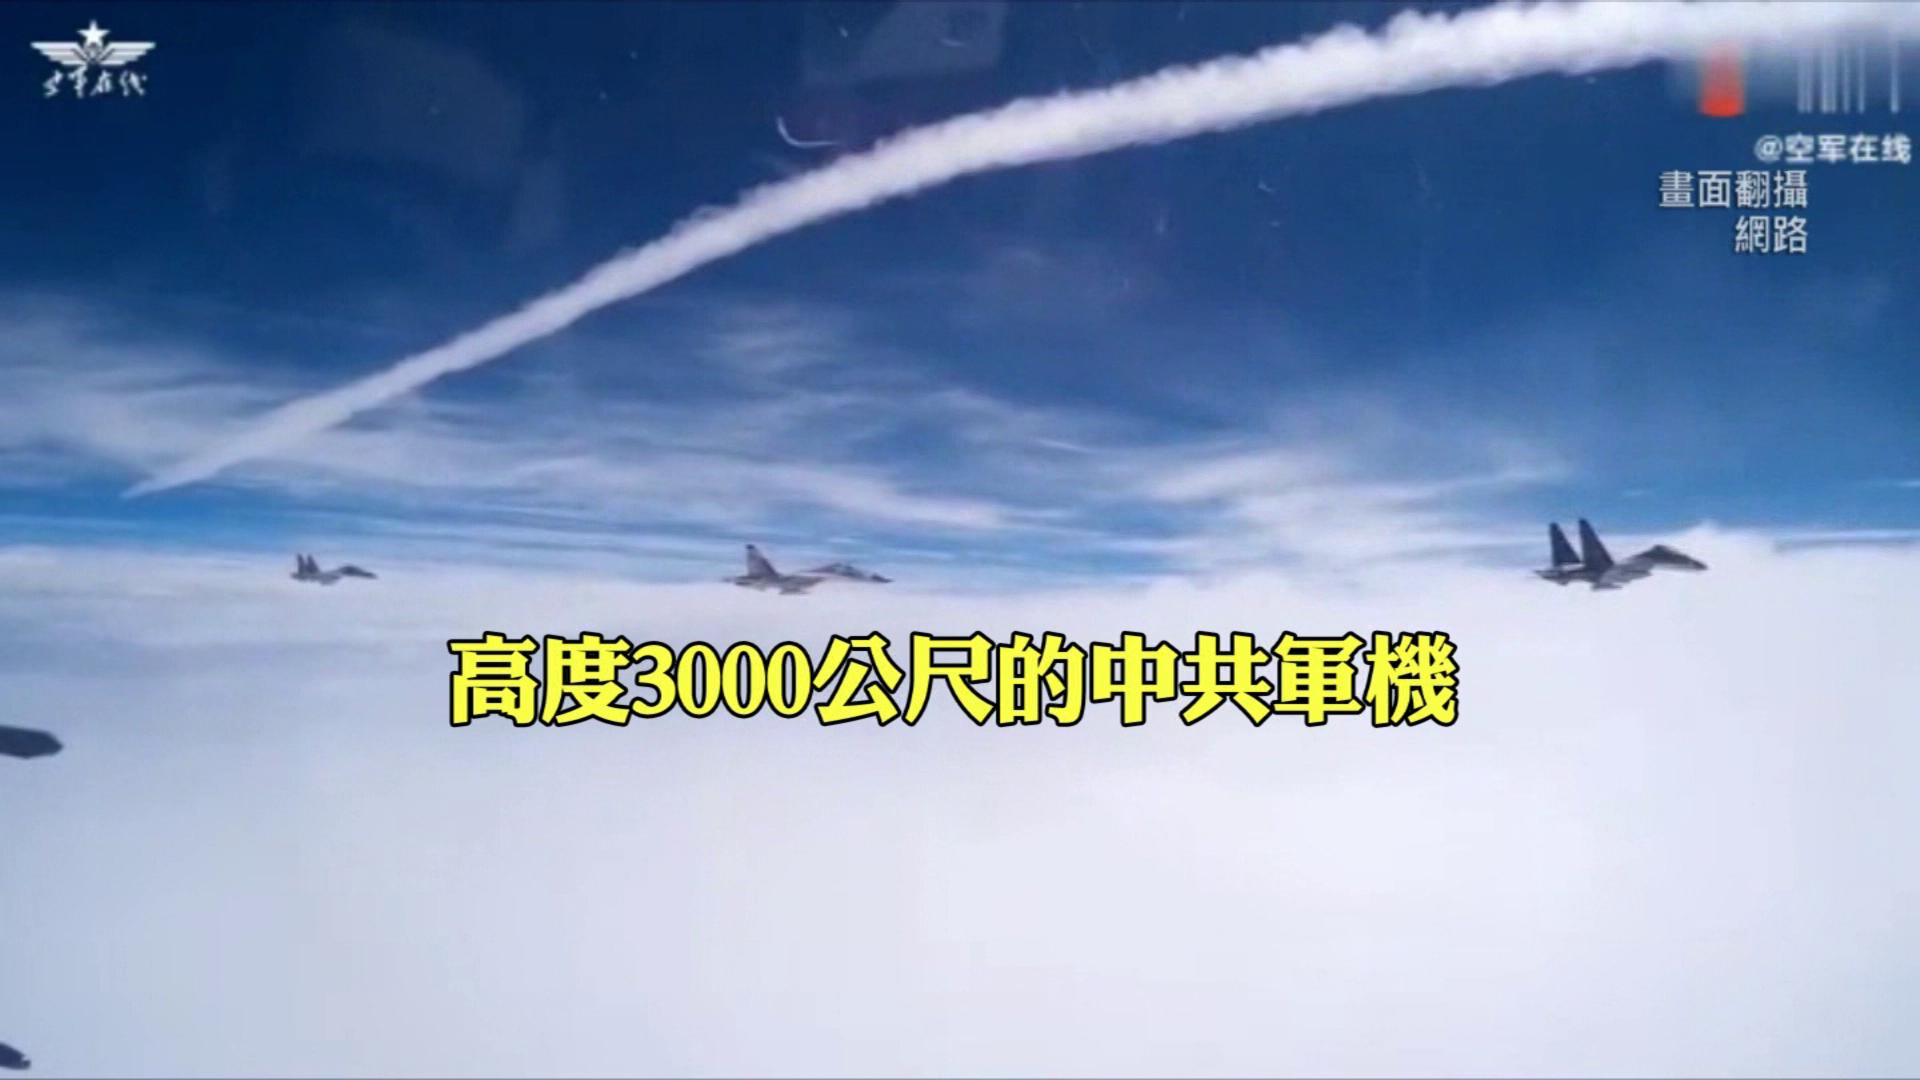 共軍恫台海實彈演習 侵台「領空」驅離